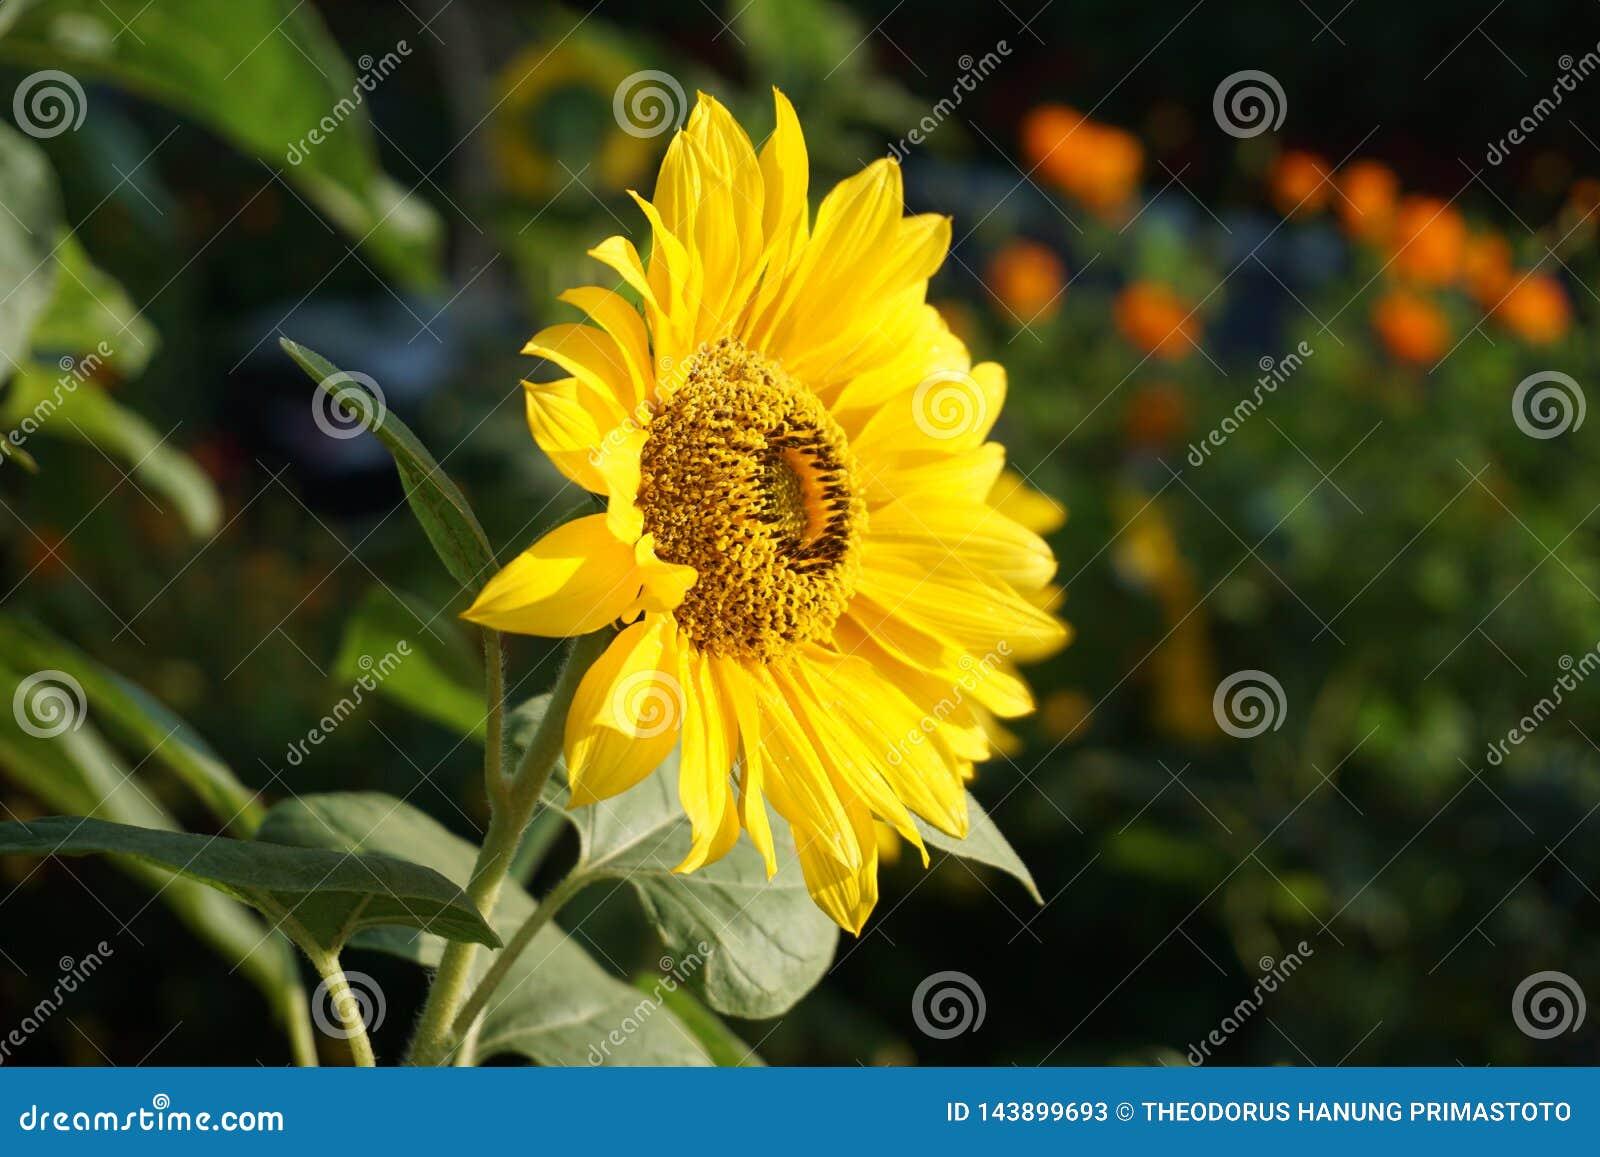 Солнцецвет в тропическом цветочном саде